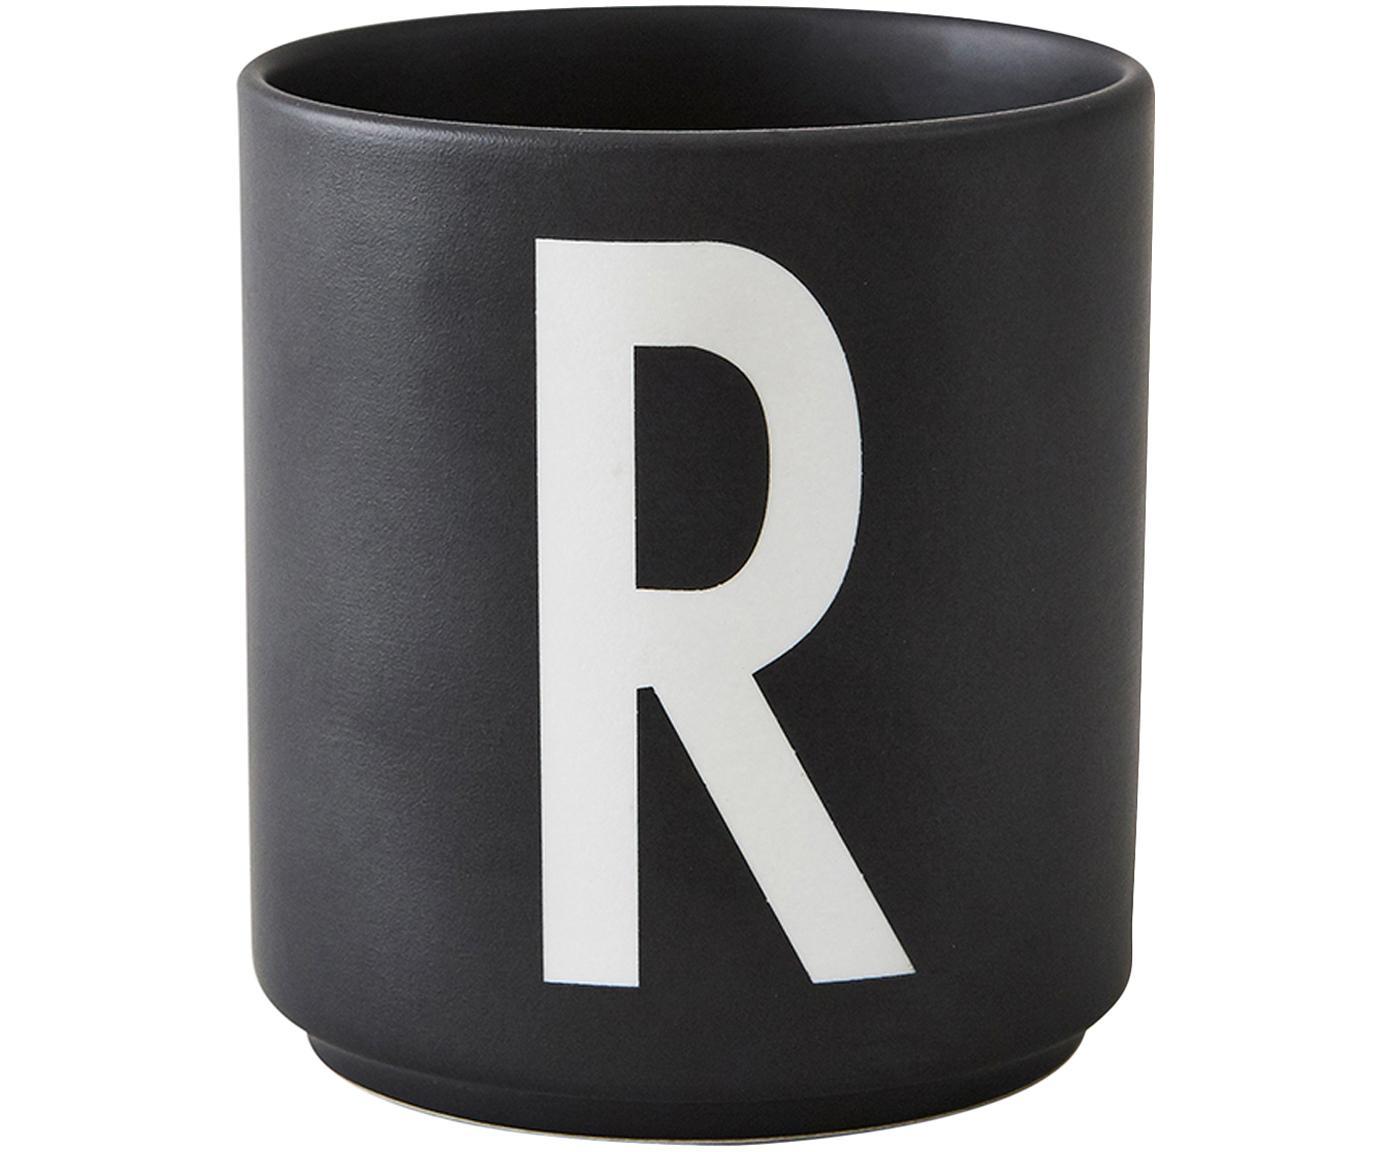 Design Becher Personal mit Buchstaben (Varianten von A bis Z), Fine Bone China (Porzellan), Schwarz matt, Weiss, Becher R